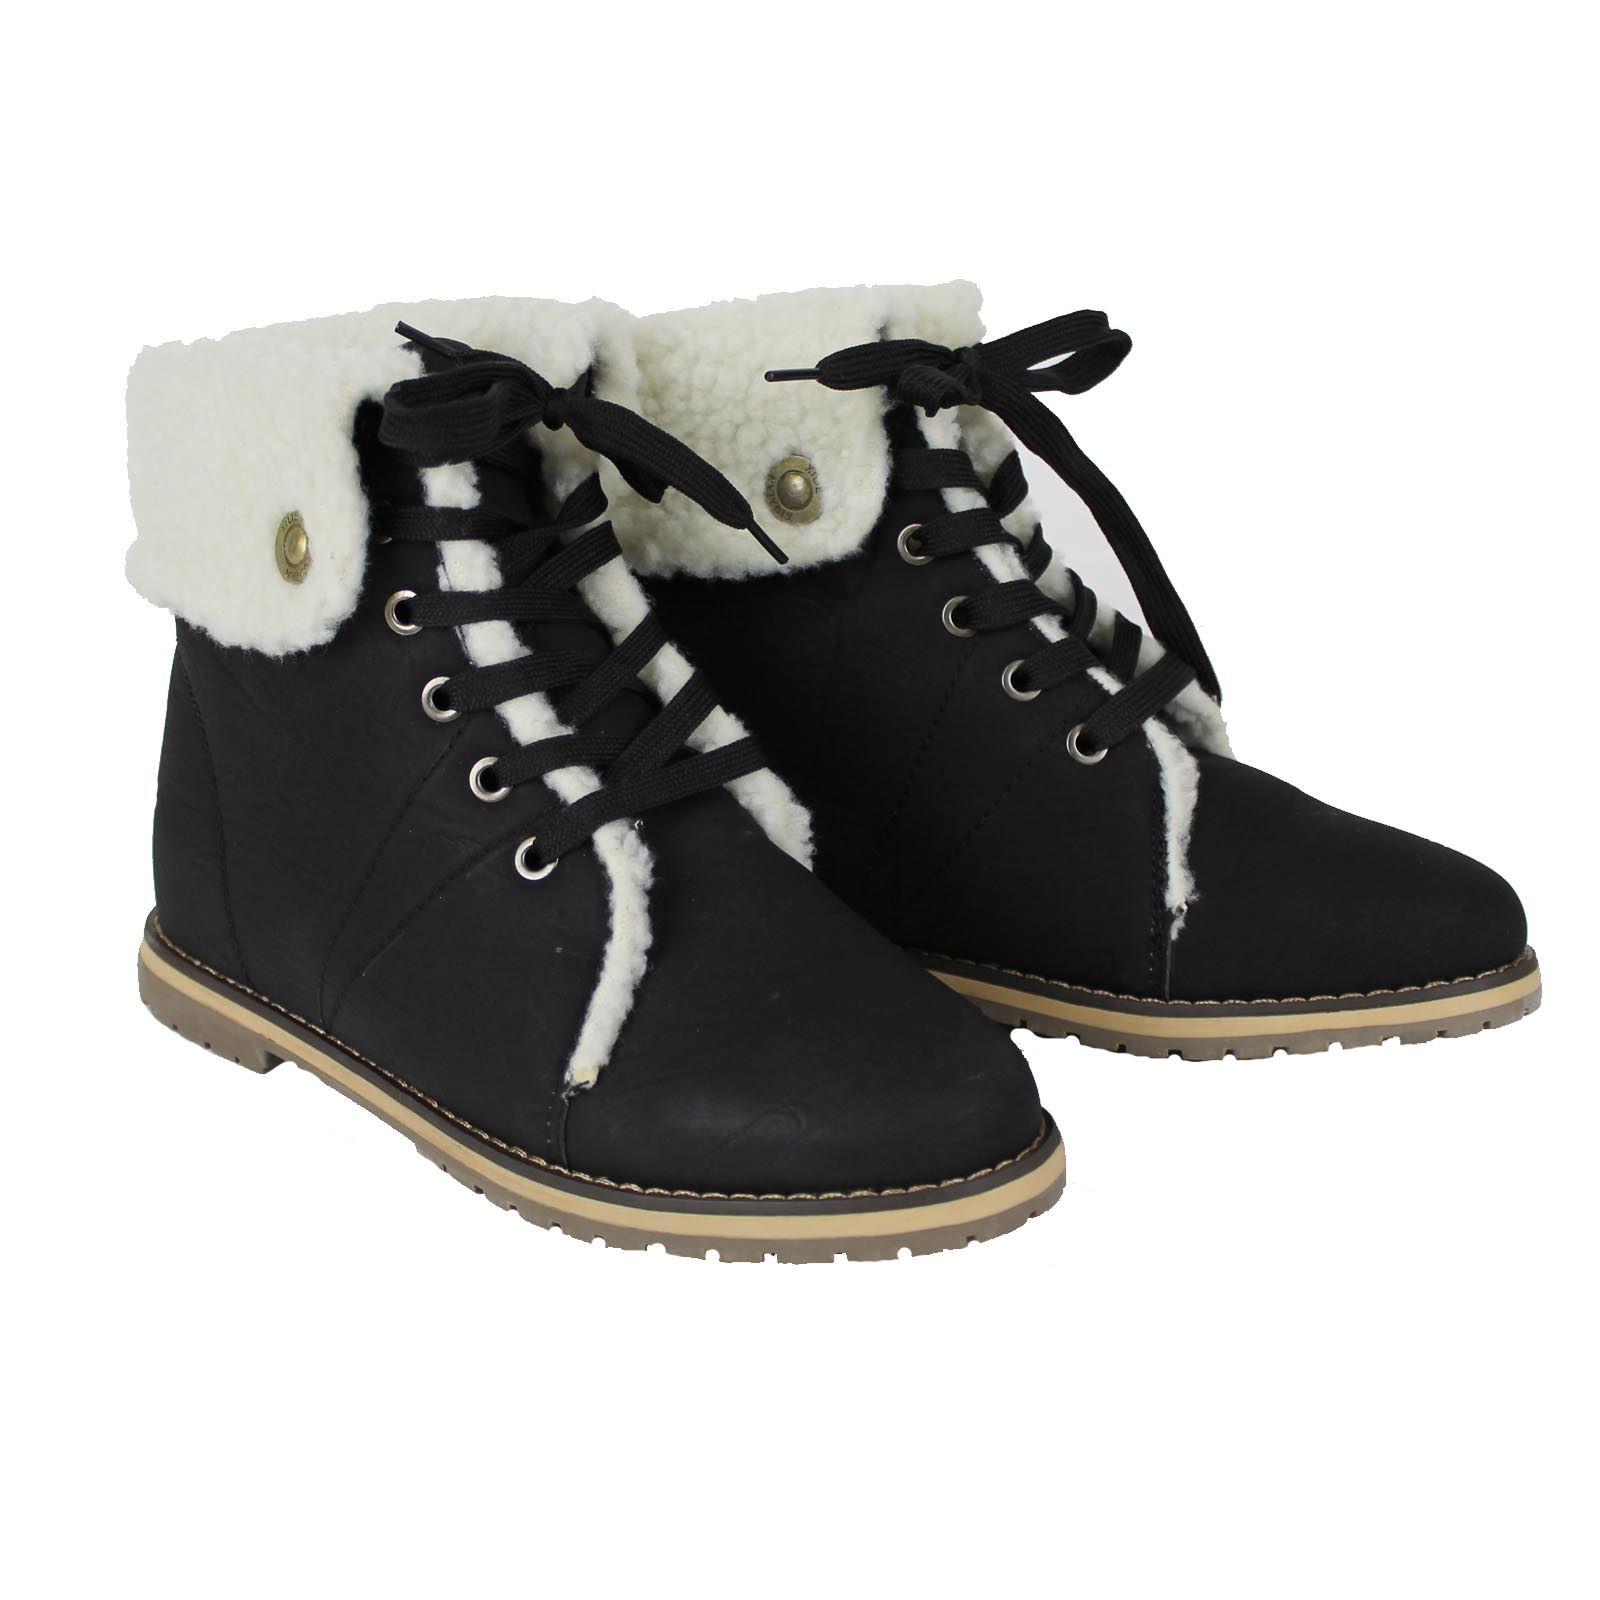 Womens Snow Winter Fur Ankle Flat Low Heel Ladies Walking ...